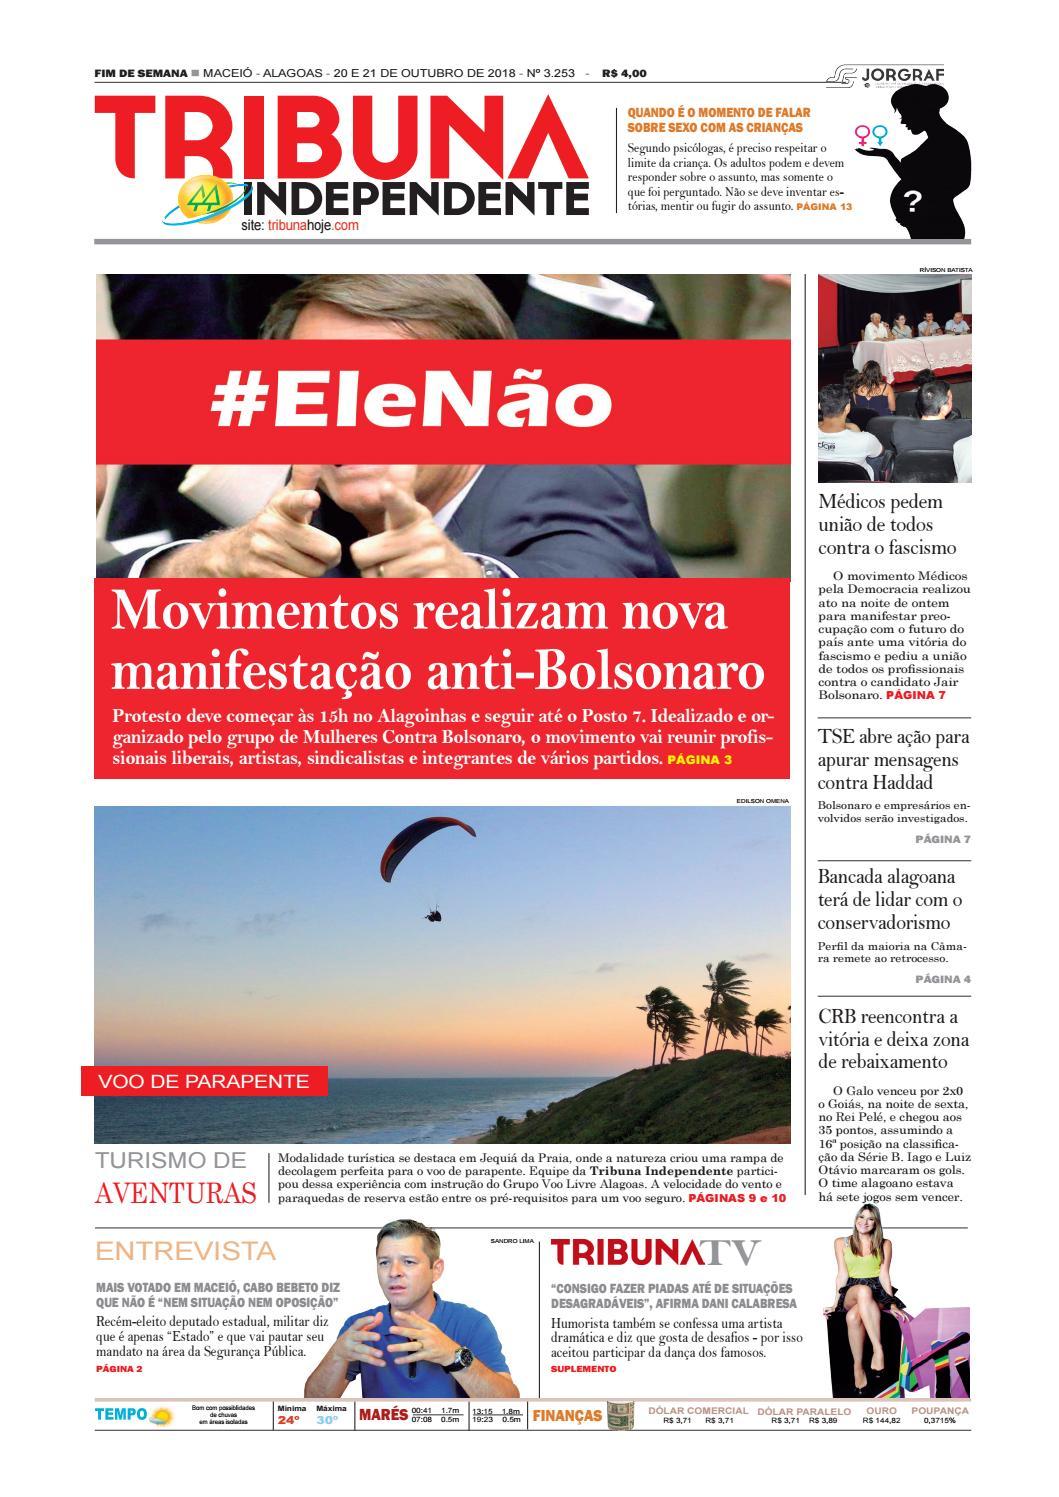 c8ca22a5b Edição número 3253 - 20 e 21 de outubro de 2018 by Tribuna Hoje - issuu